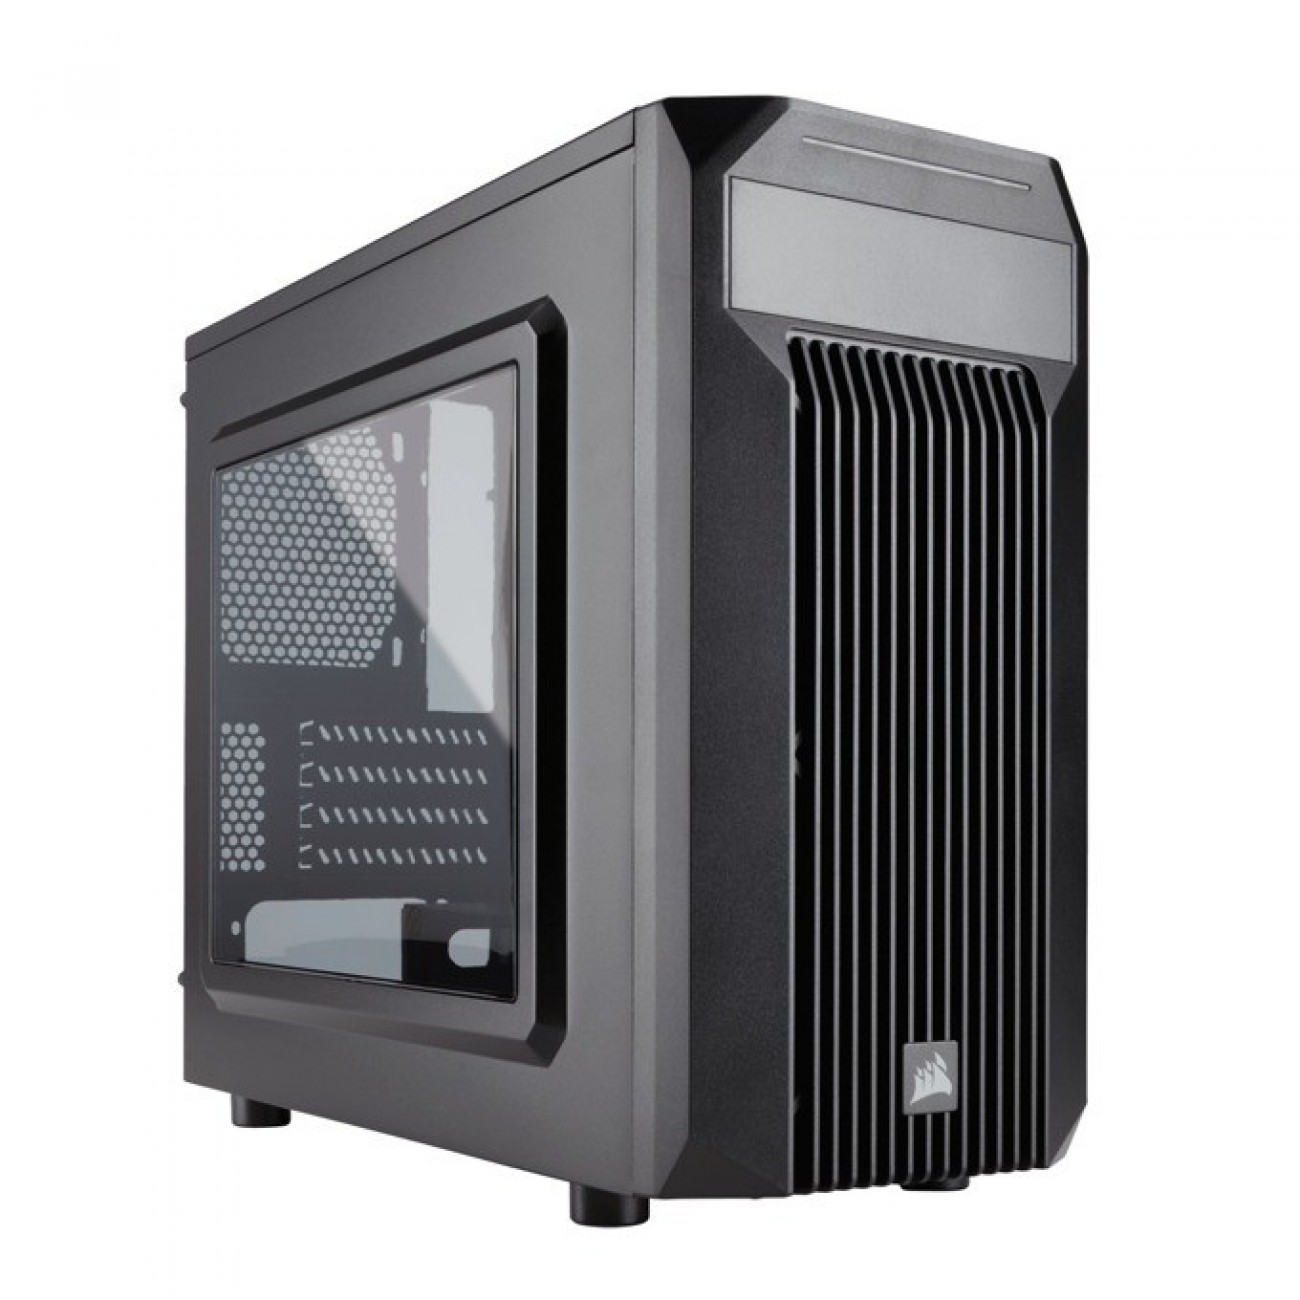 Кутия Corsair Carbide Series SPEC-M2, Mini-ITX/mATX, 1x USB 3.0, прозрачен капак, гейминг, черен, по поръчка в Компютърни кутии -  | Alleop